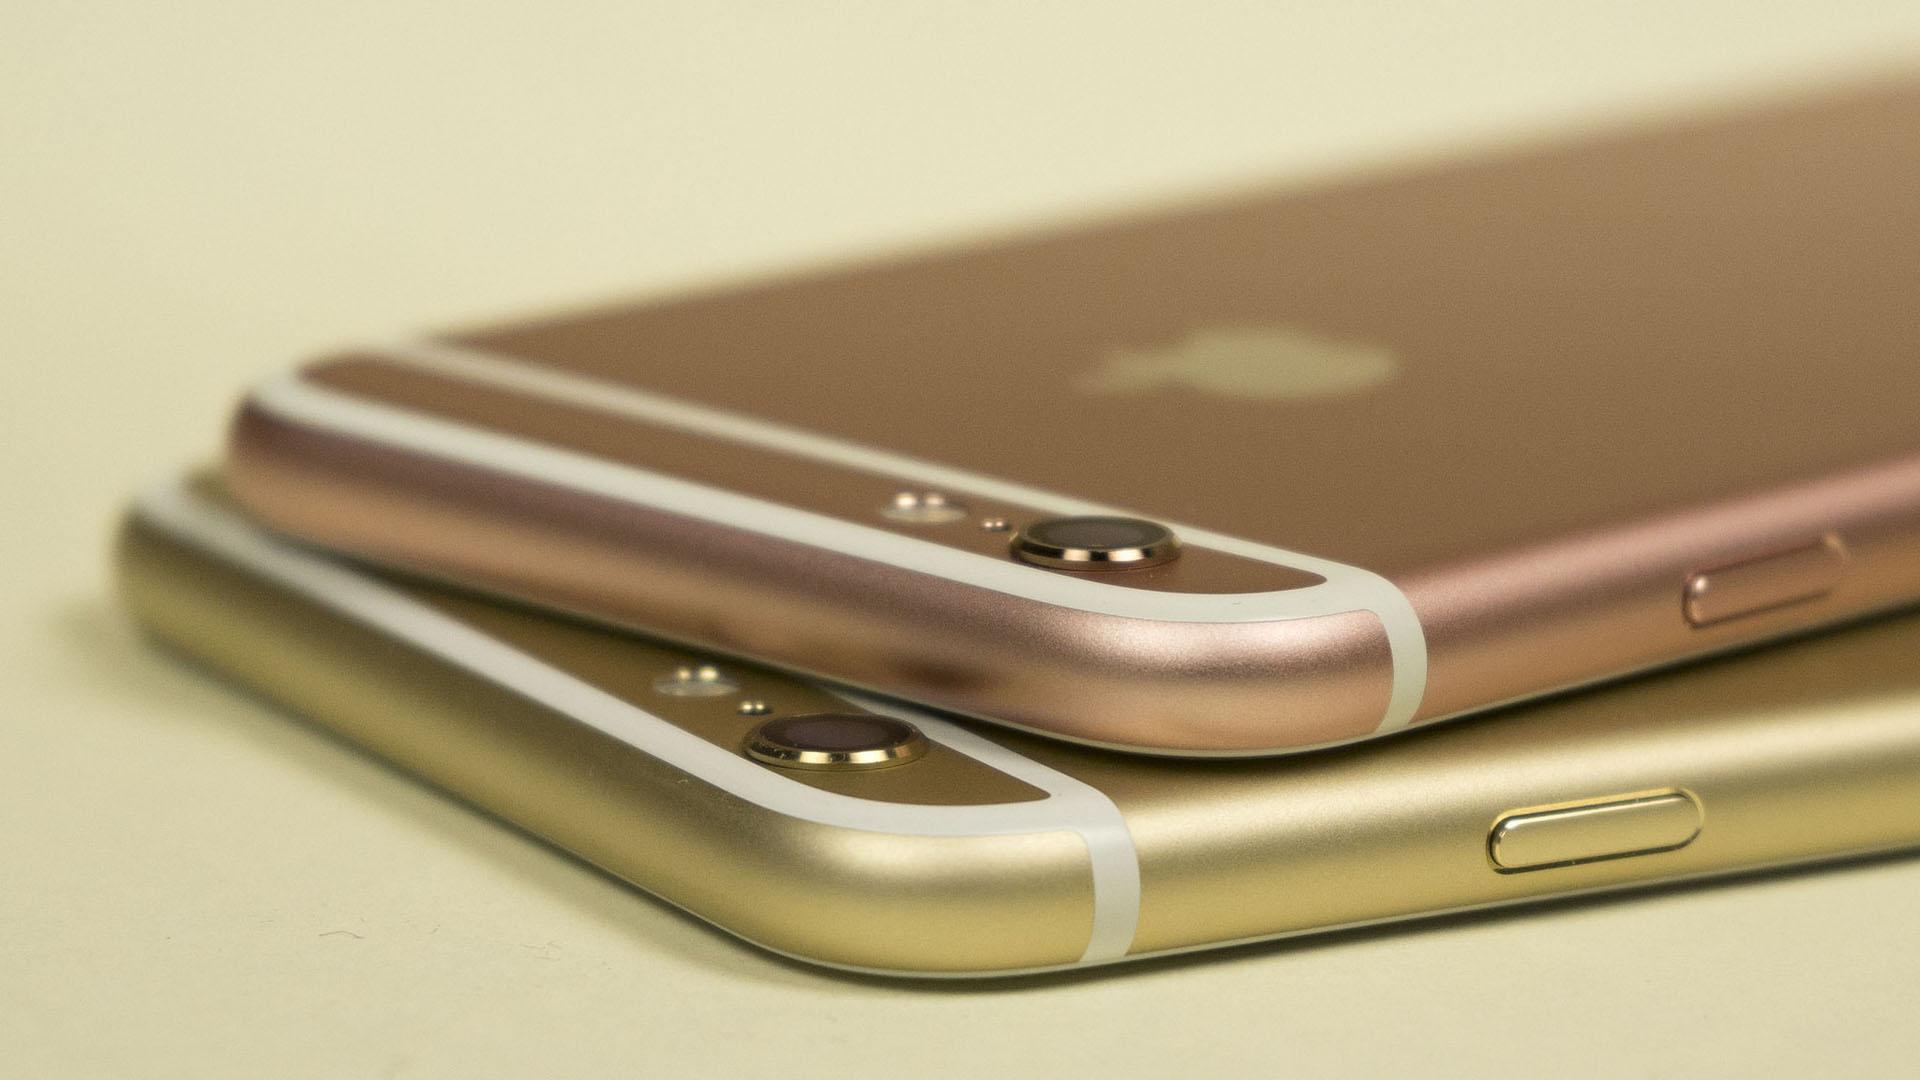 Apple Reconnait Que L Iphone 6 Plus A Un Souci D Ecran S Il Tombe